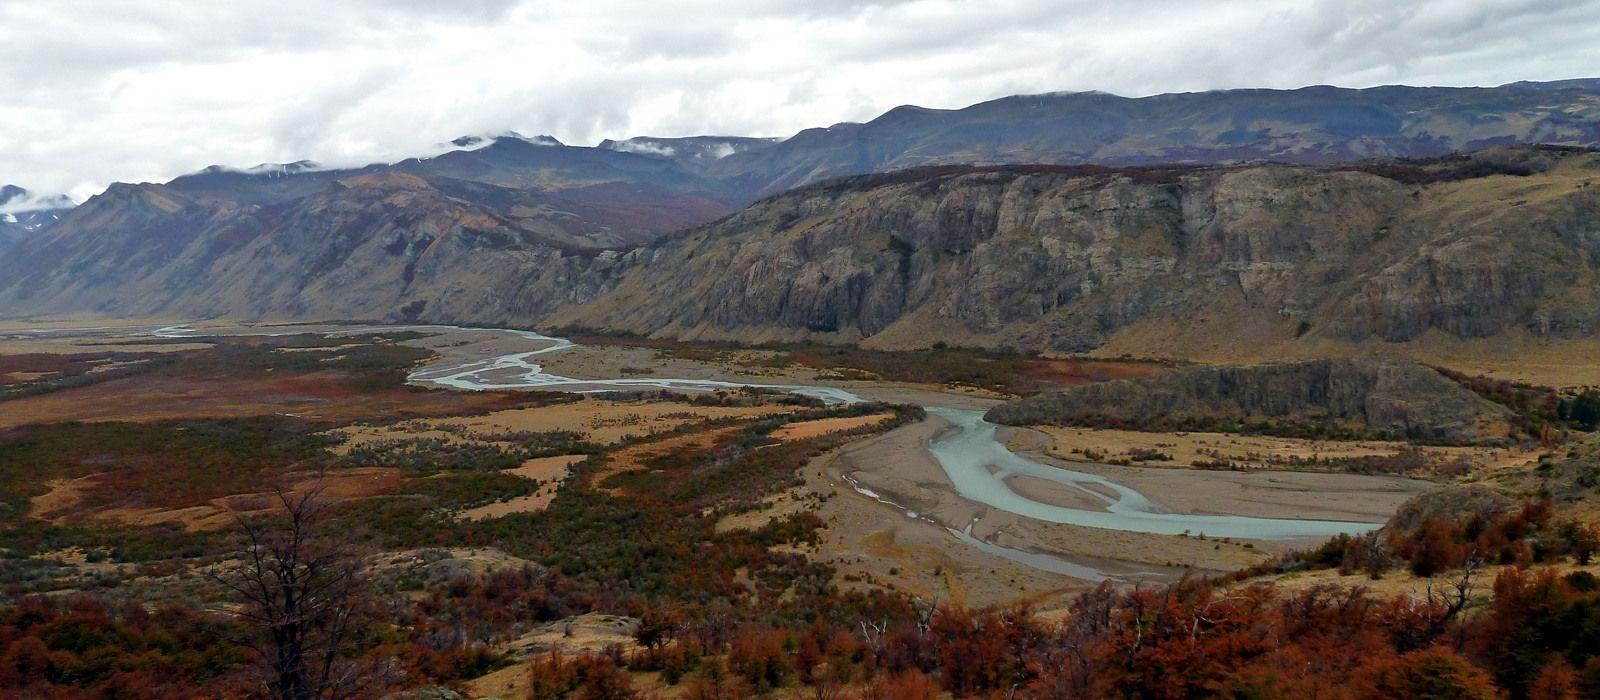 Destination El Chaltén Argentina